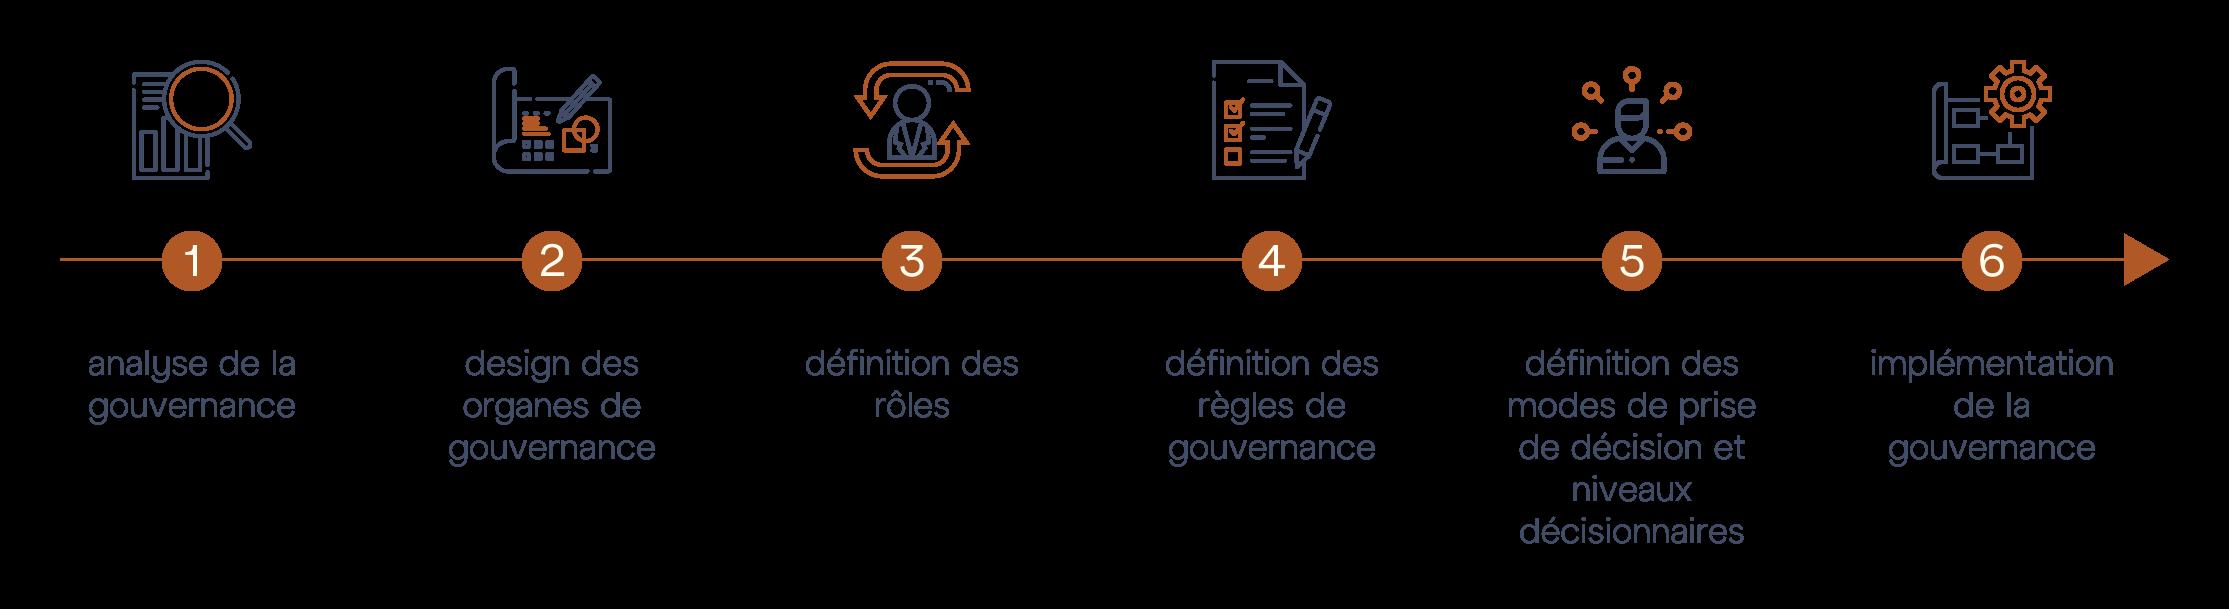 Audit Gouvernance M&BD © - Diagram Steps